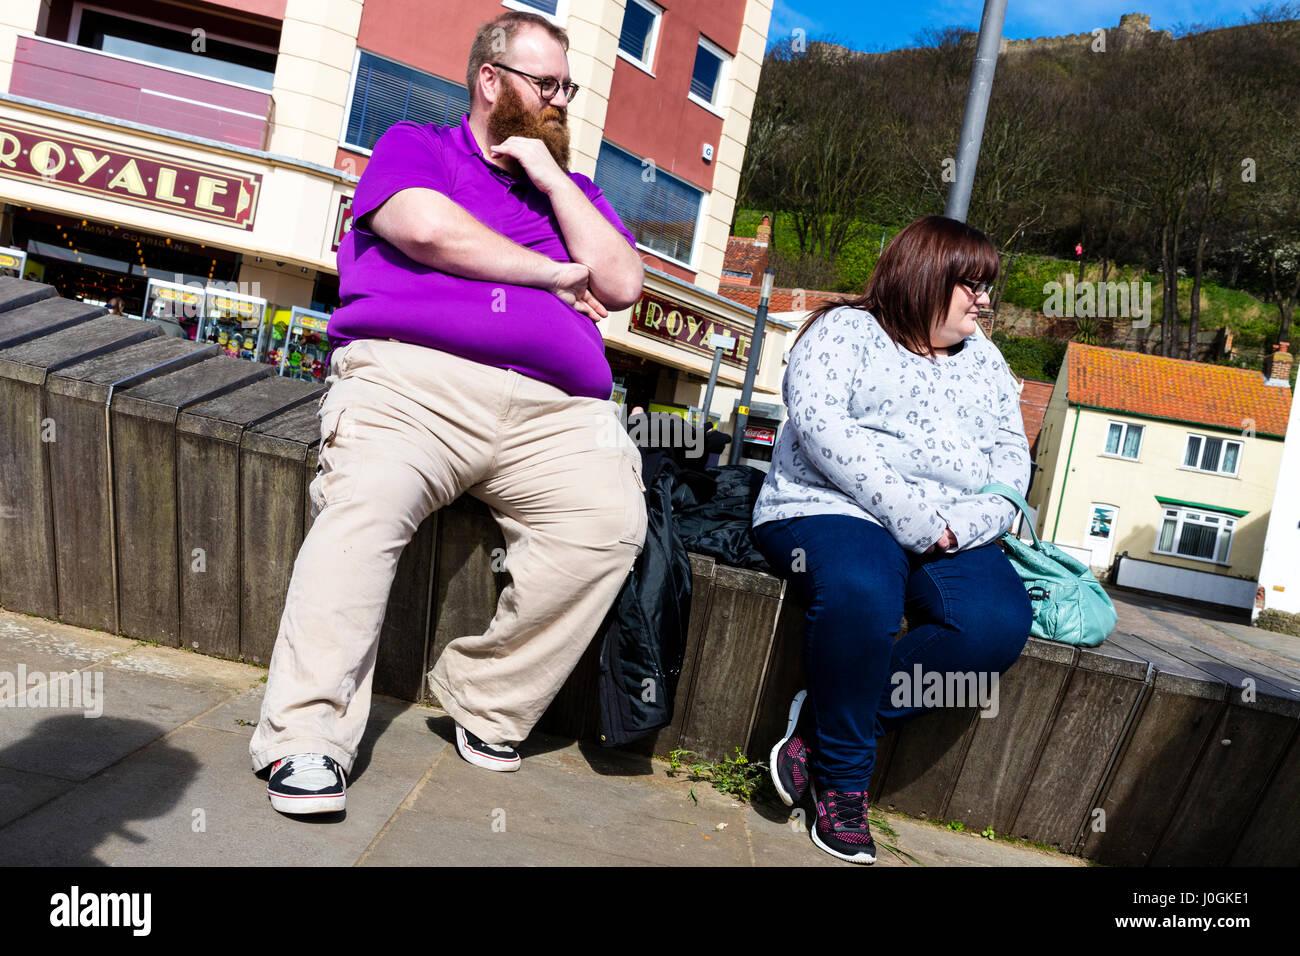 La obesidad en el Reino Unido gente gorda sentado descansando inbetween comidas grasas grasa media la grasa del Imagen De Stock